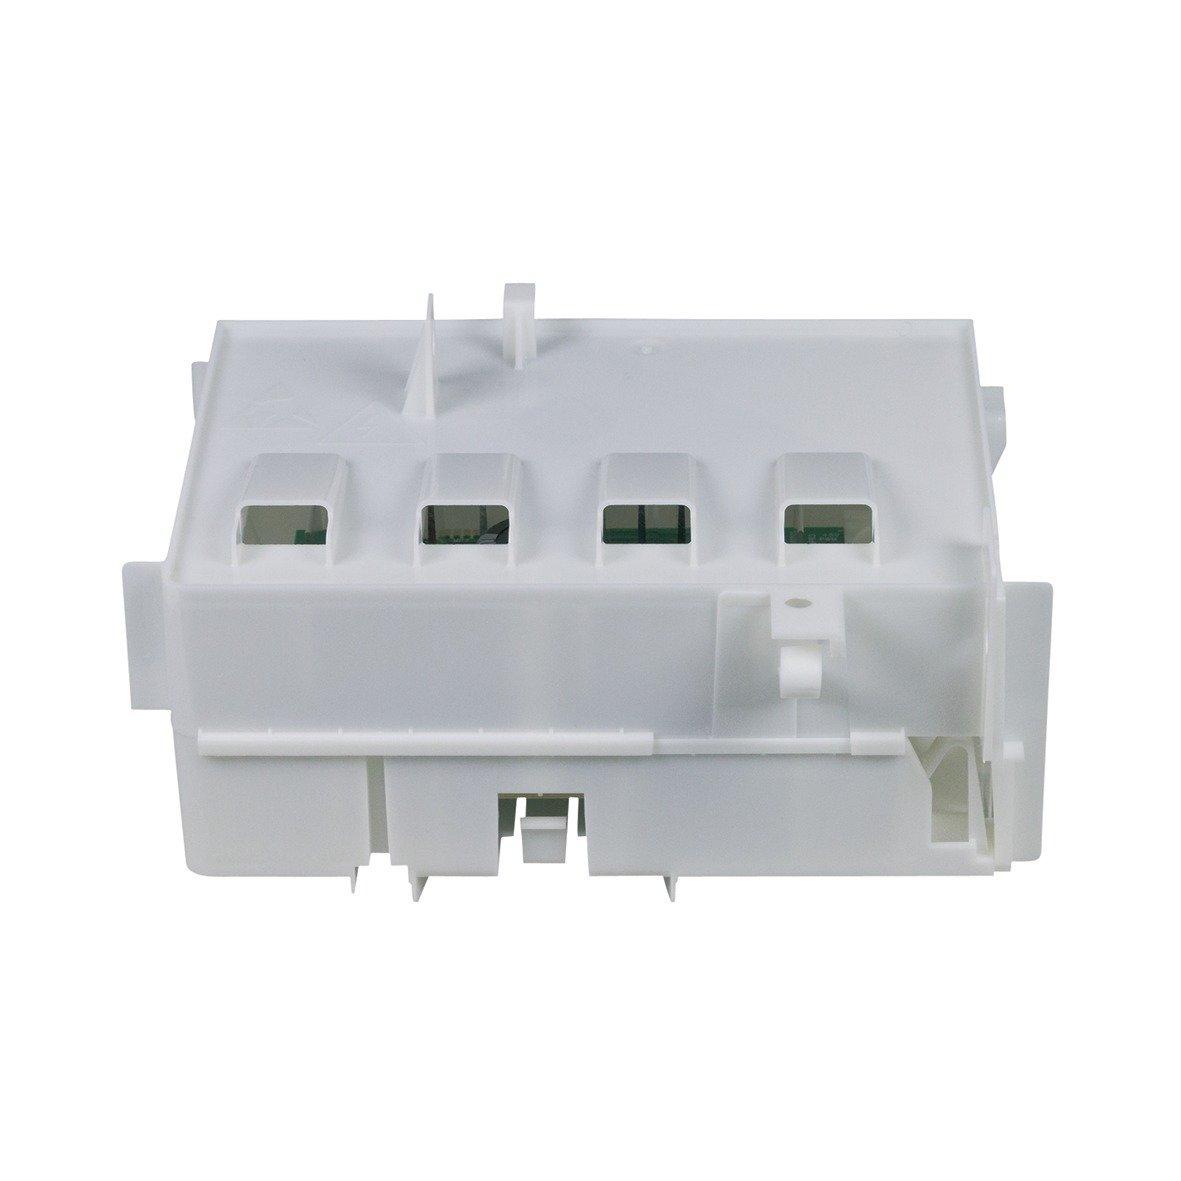 Bosch Siemens 703206 00703206 ORIGINAL Elektronik Motorsteuerungsmodul Motor Steuerungseinheit z.T iQ700 Waschmaschine Waschtrockner BSH Hausgeräte Service GmbH